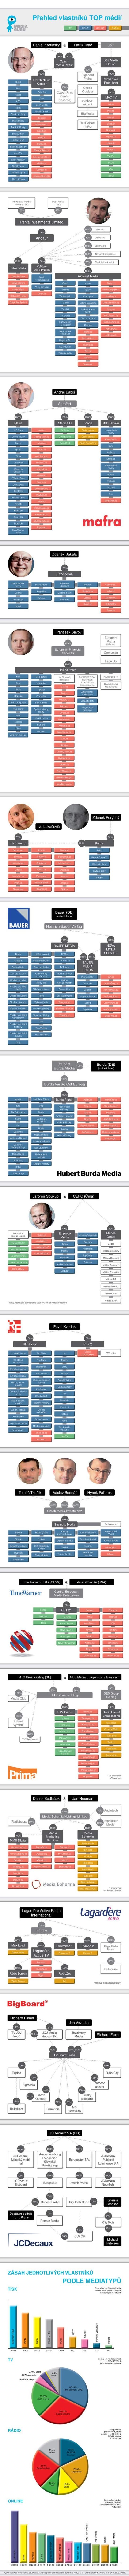 Vlastníci médií: základní přehled – Infografika